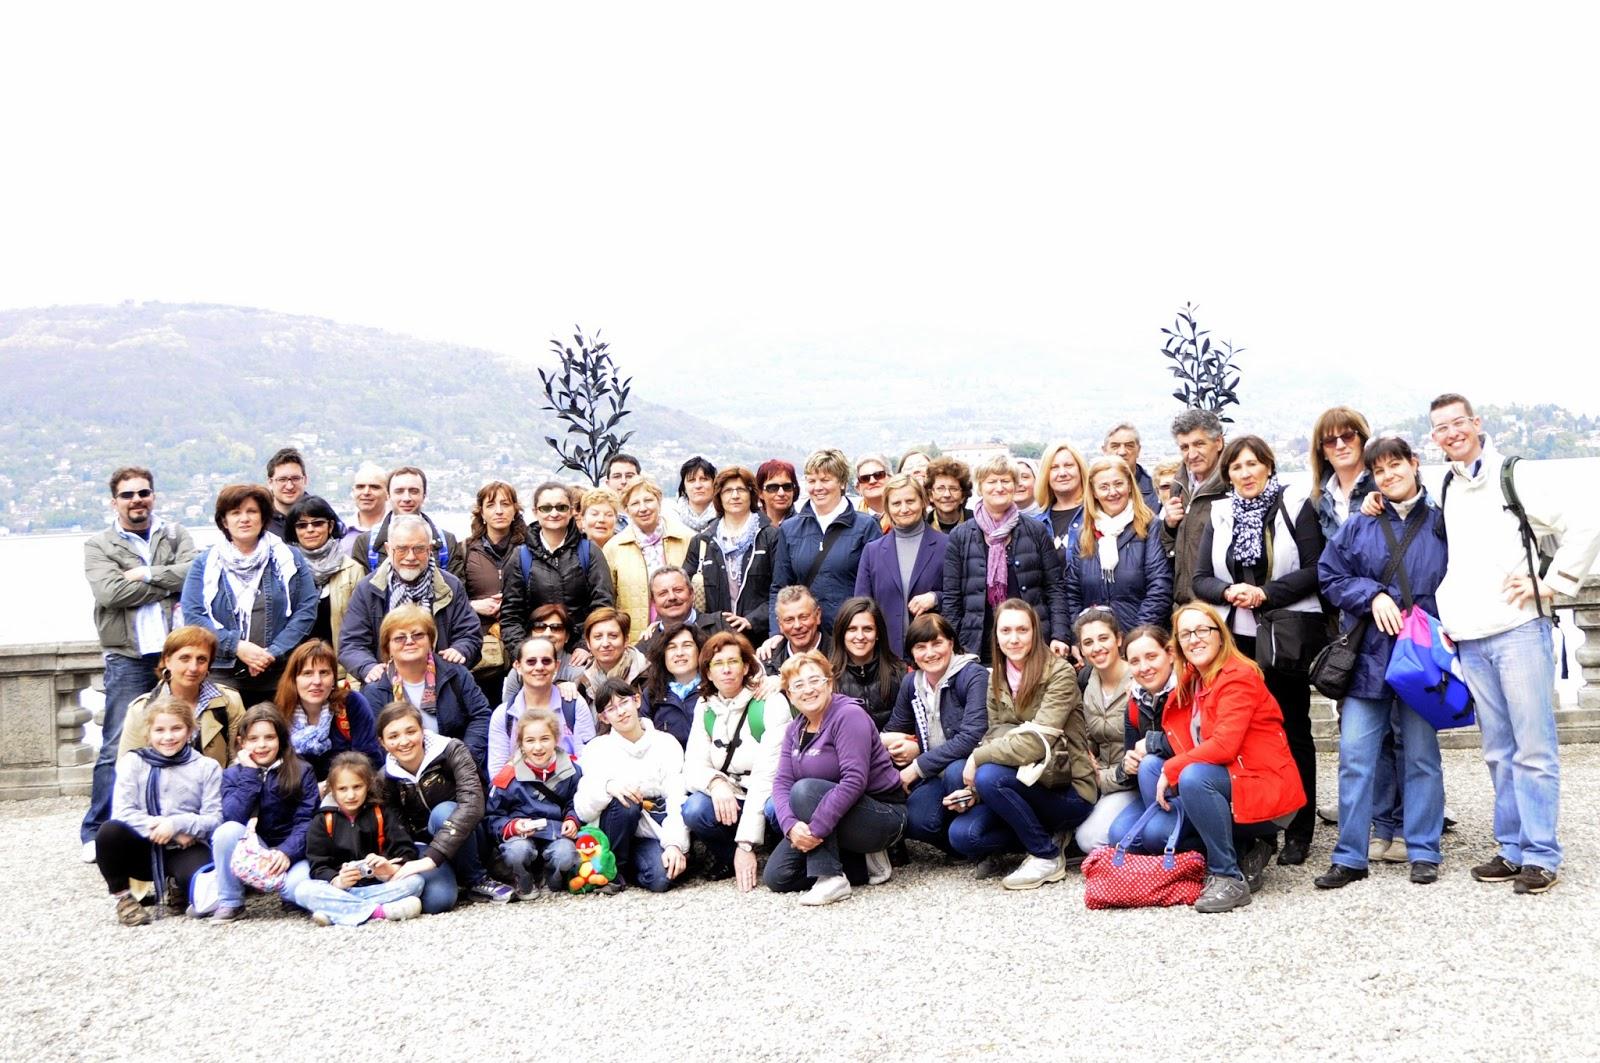 2012-04-25 Gita catechisti lago maggiore